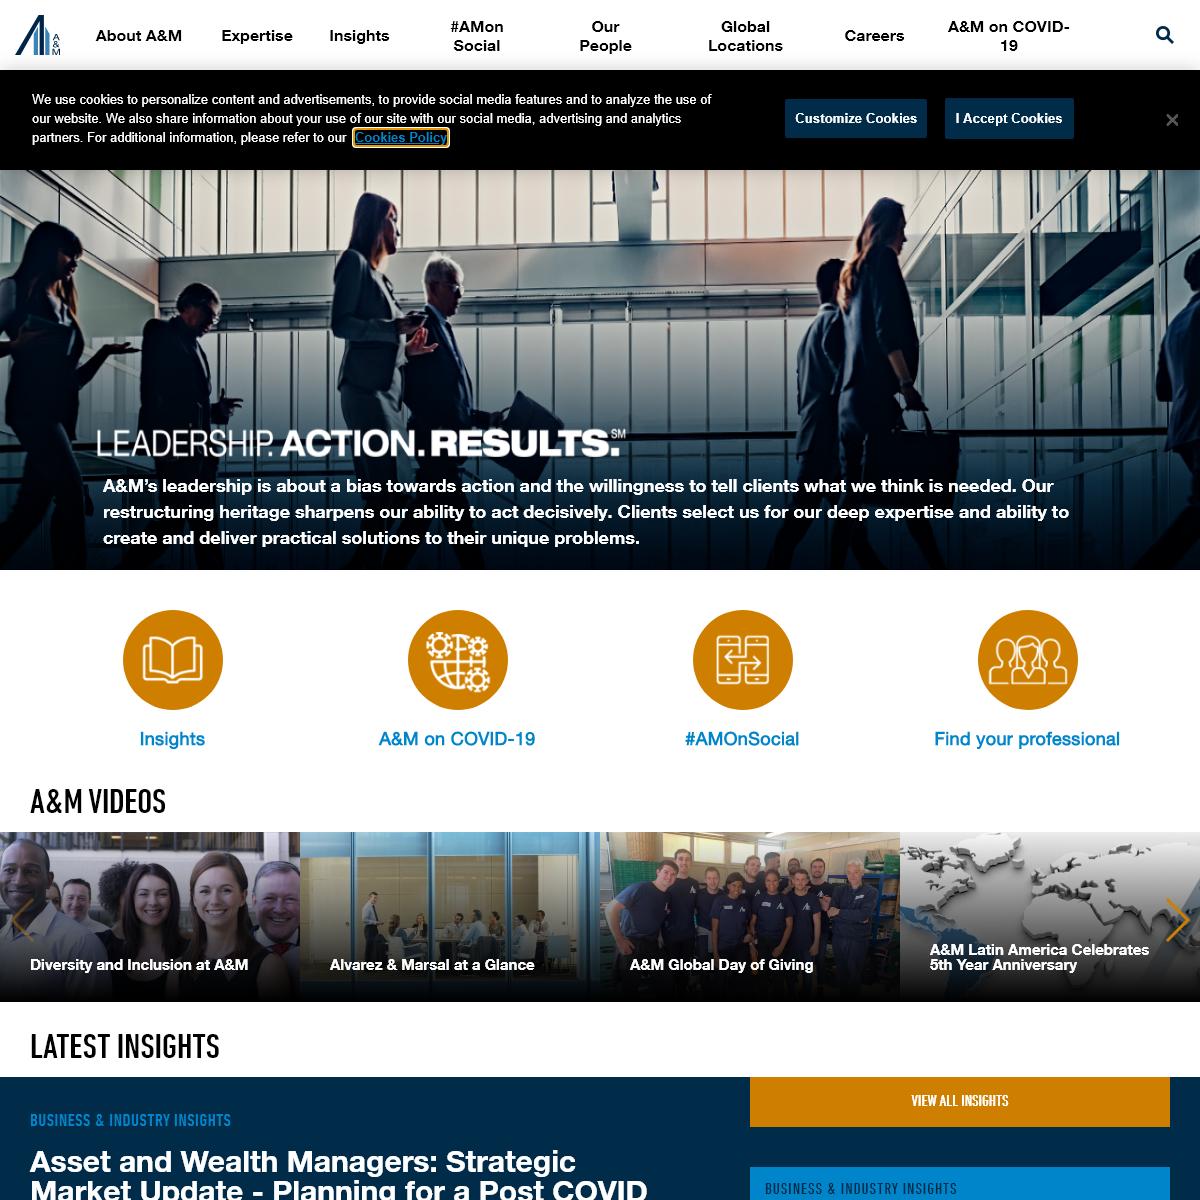 Alvarez & Marsal - Management Consulting - Professional Services